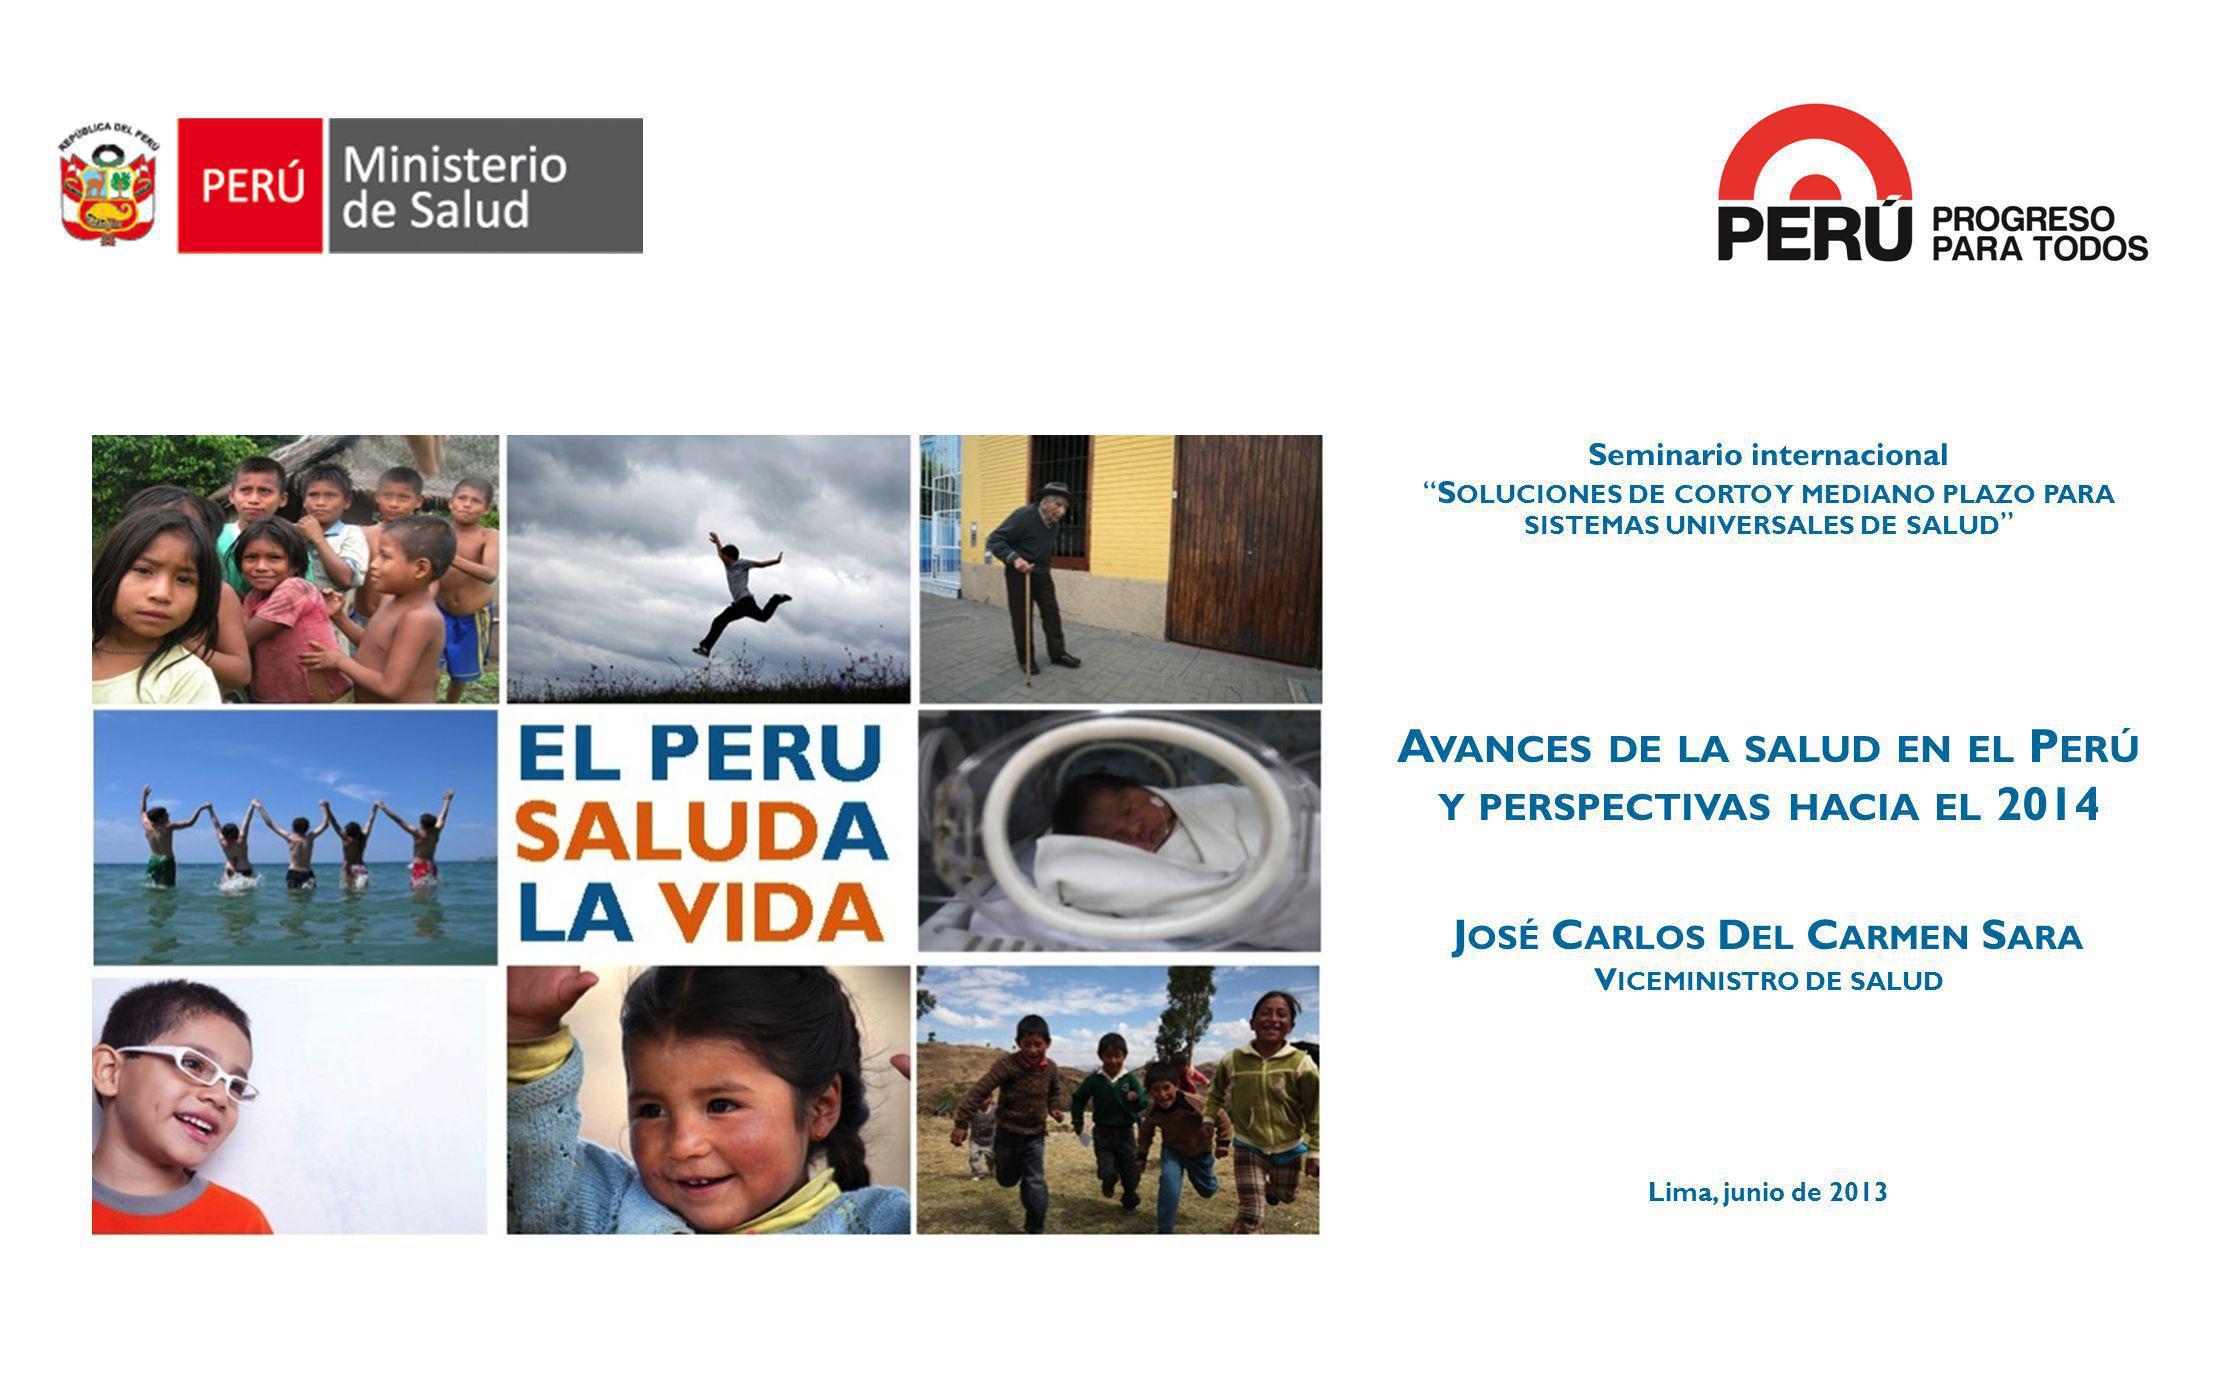 Avances de la salud en el Perú y perspectivas hacia el 2014